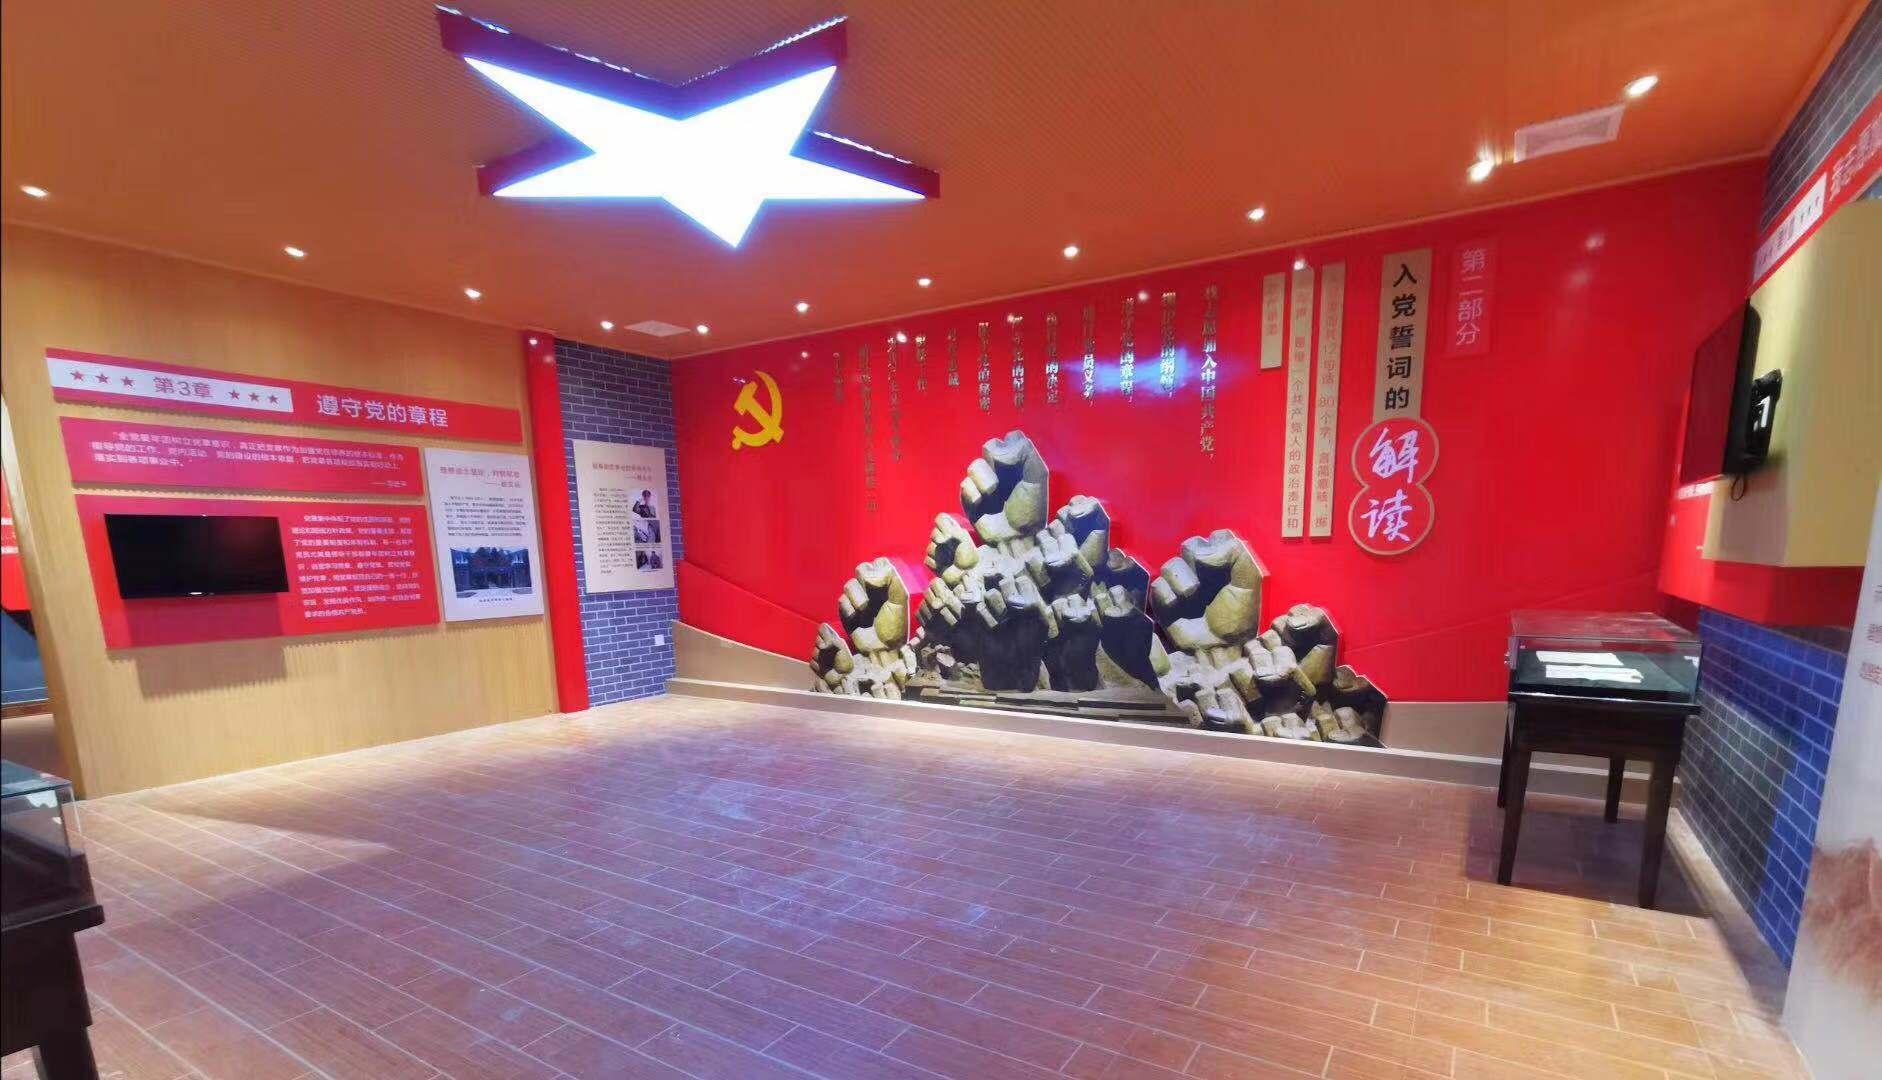 党建室文化墙设计_创意的翼虎党建文化室提供